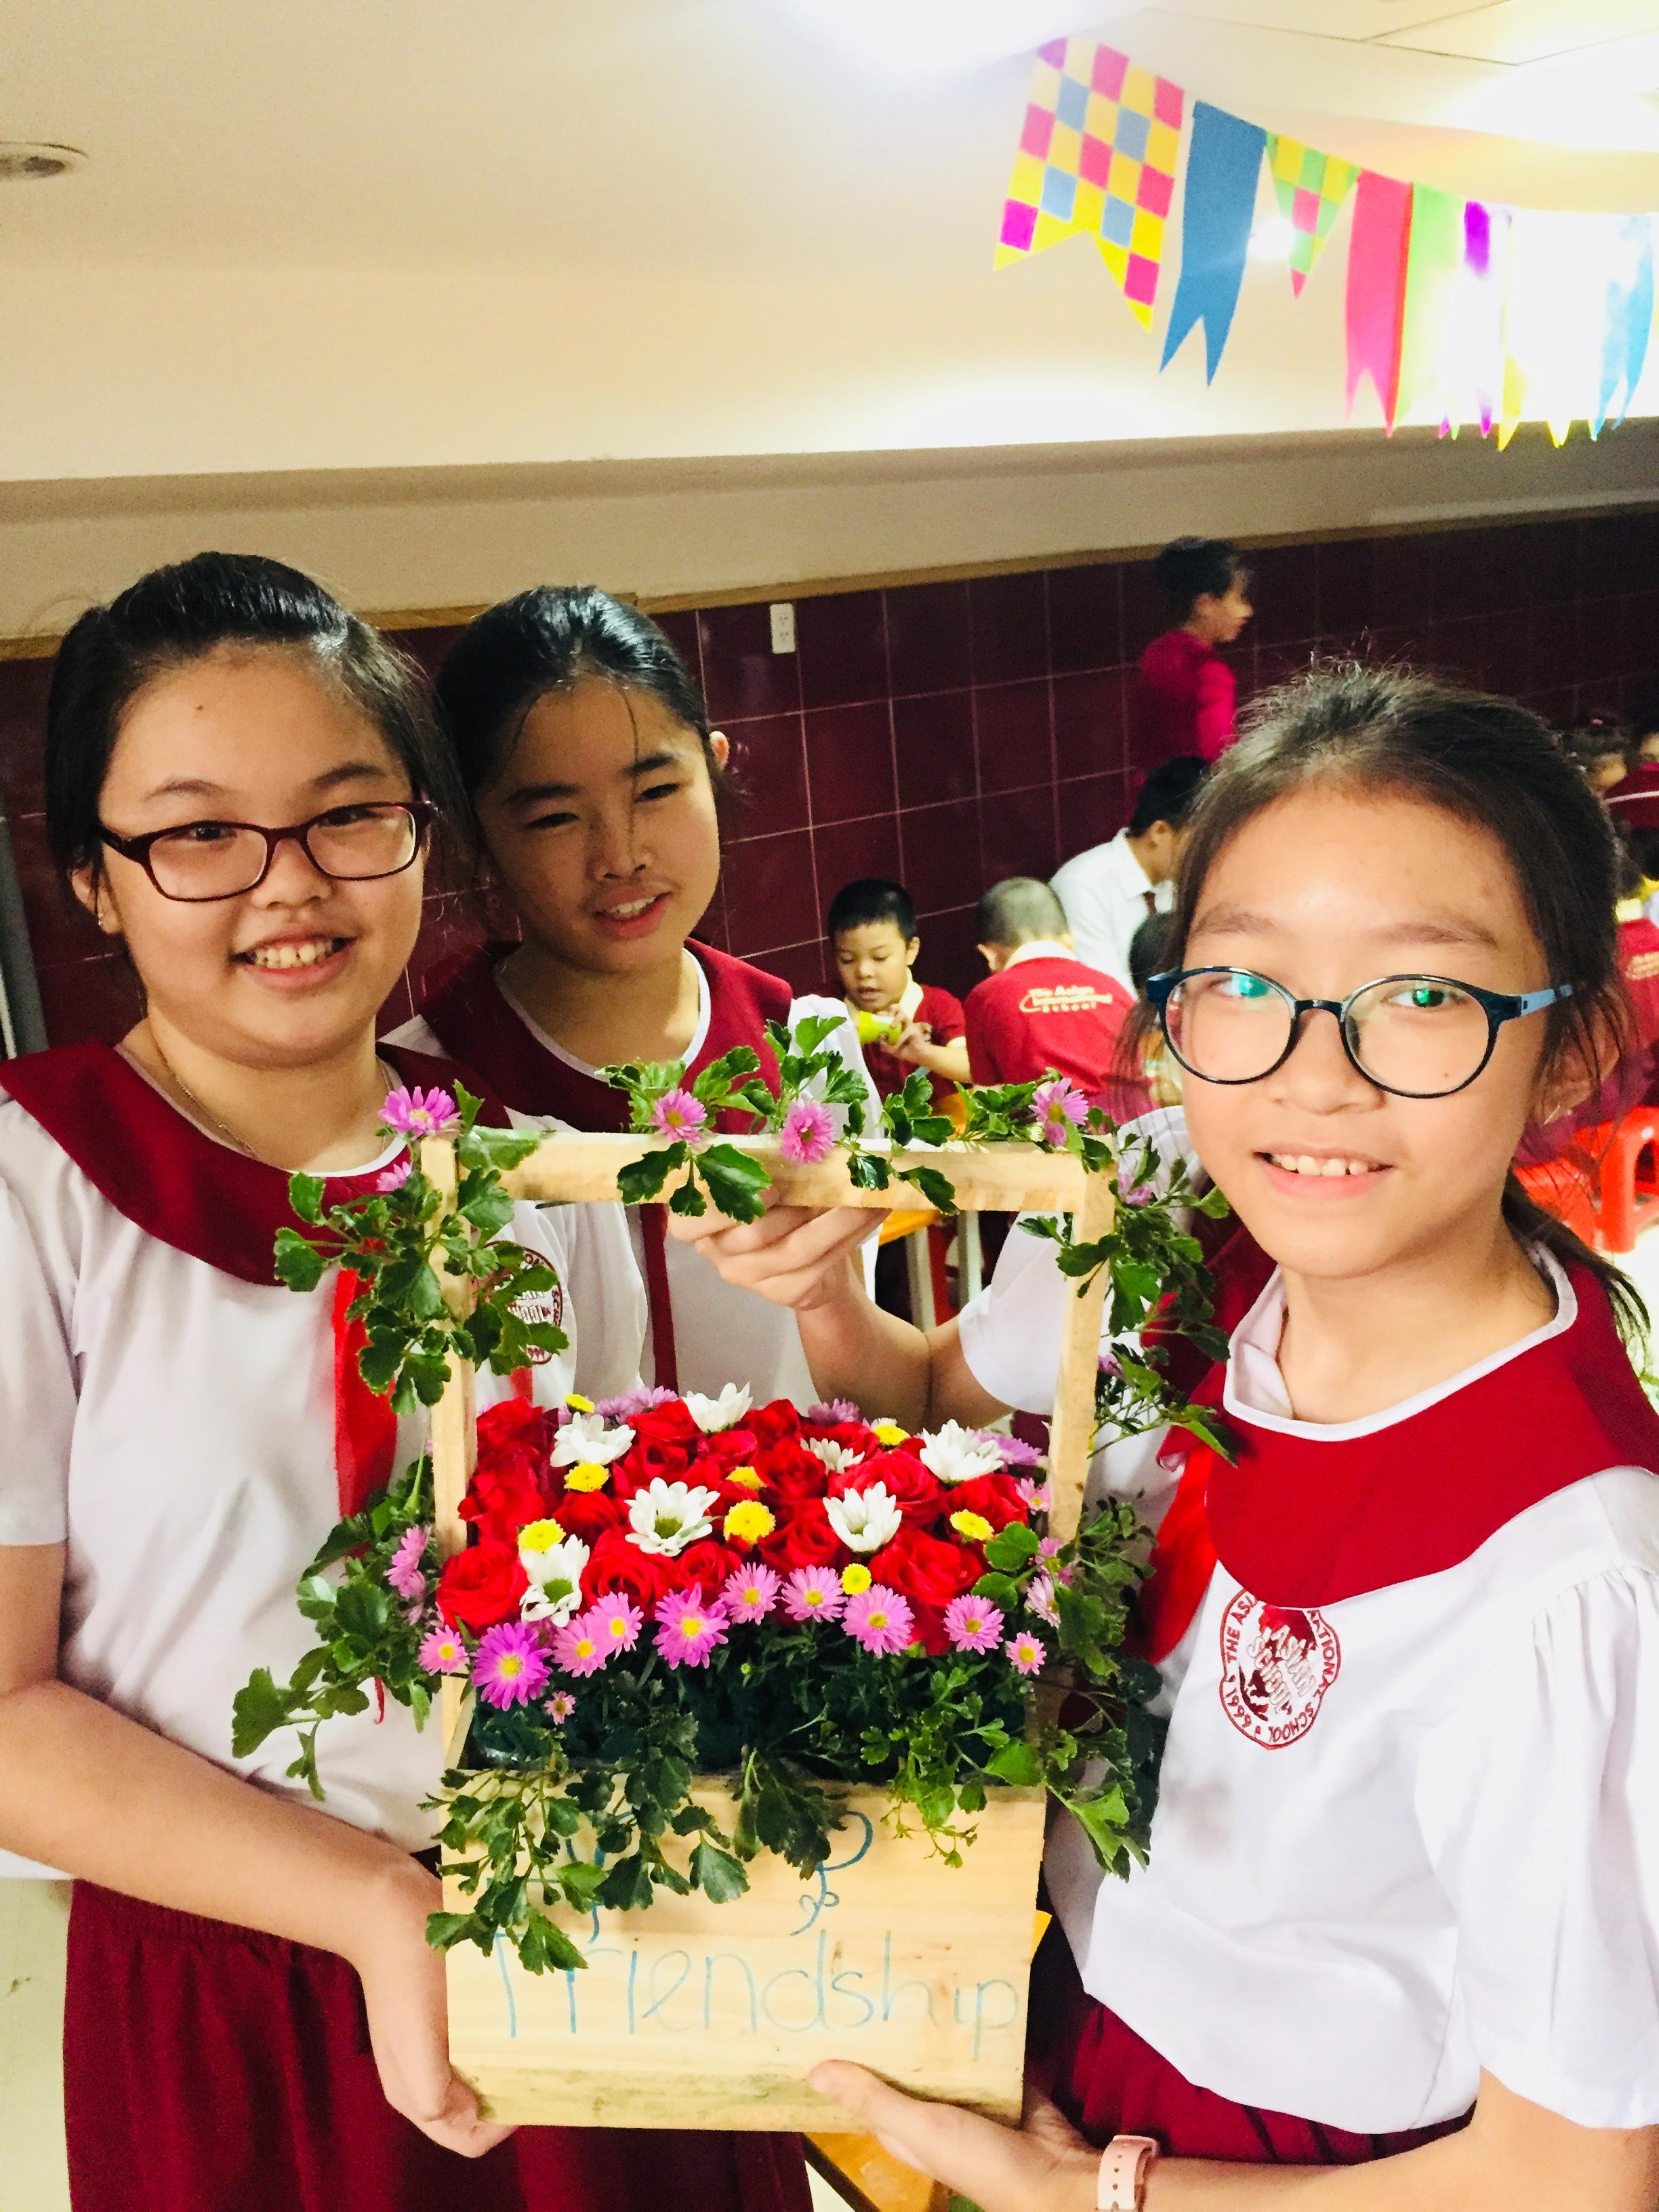 TOY FESTIVAL - SÂN CHƠI SÁNG TẠO CHO HỌC SINH TRƯỜNG QUỐC TẾ Á CHÂU